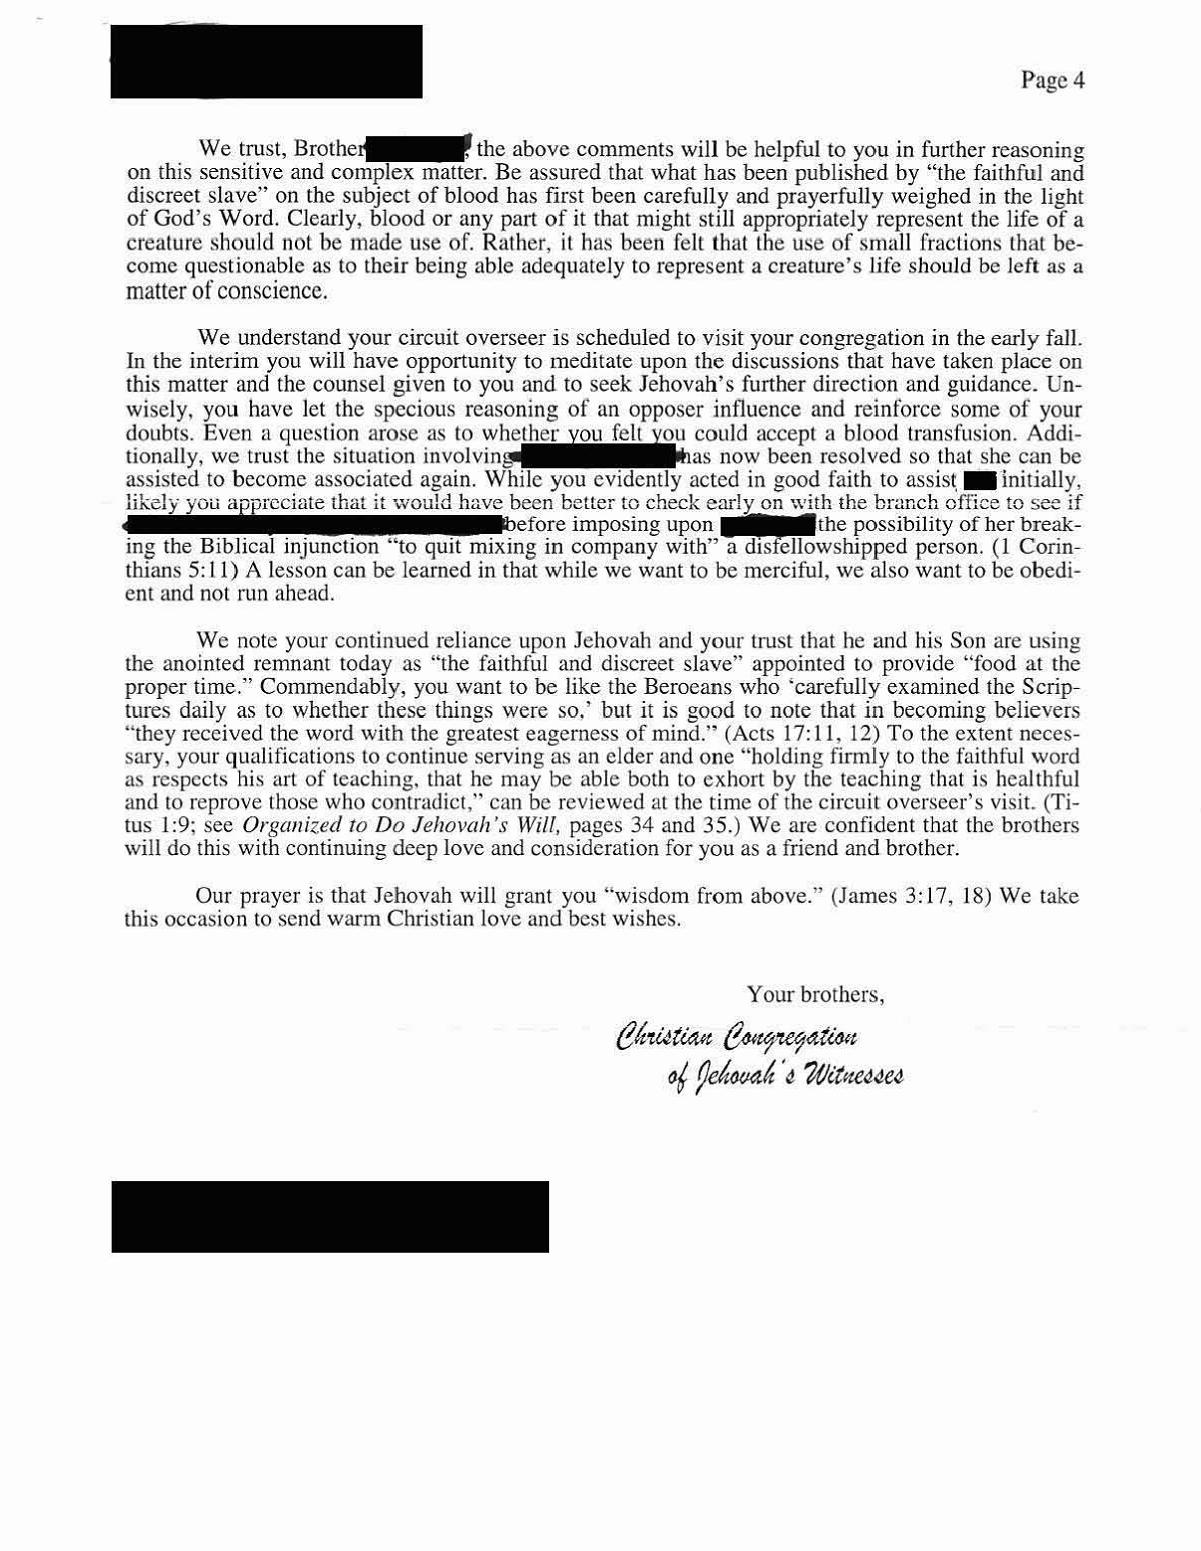 Carta da Watchtower que revela mais pormenores sobre o entendimento sobre o uso de fracções Ofjb